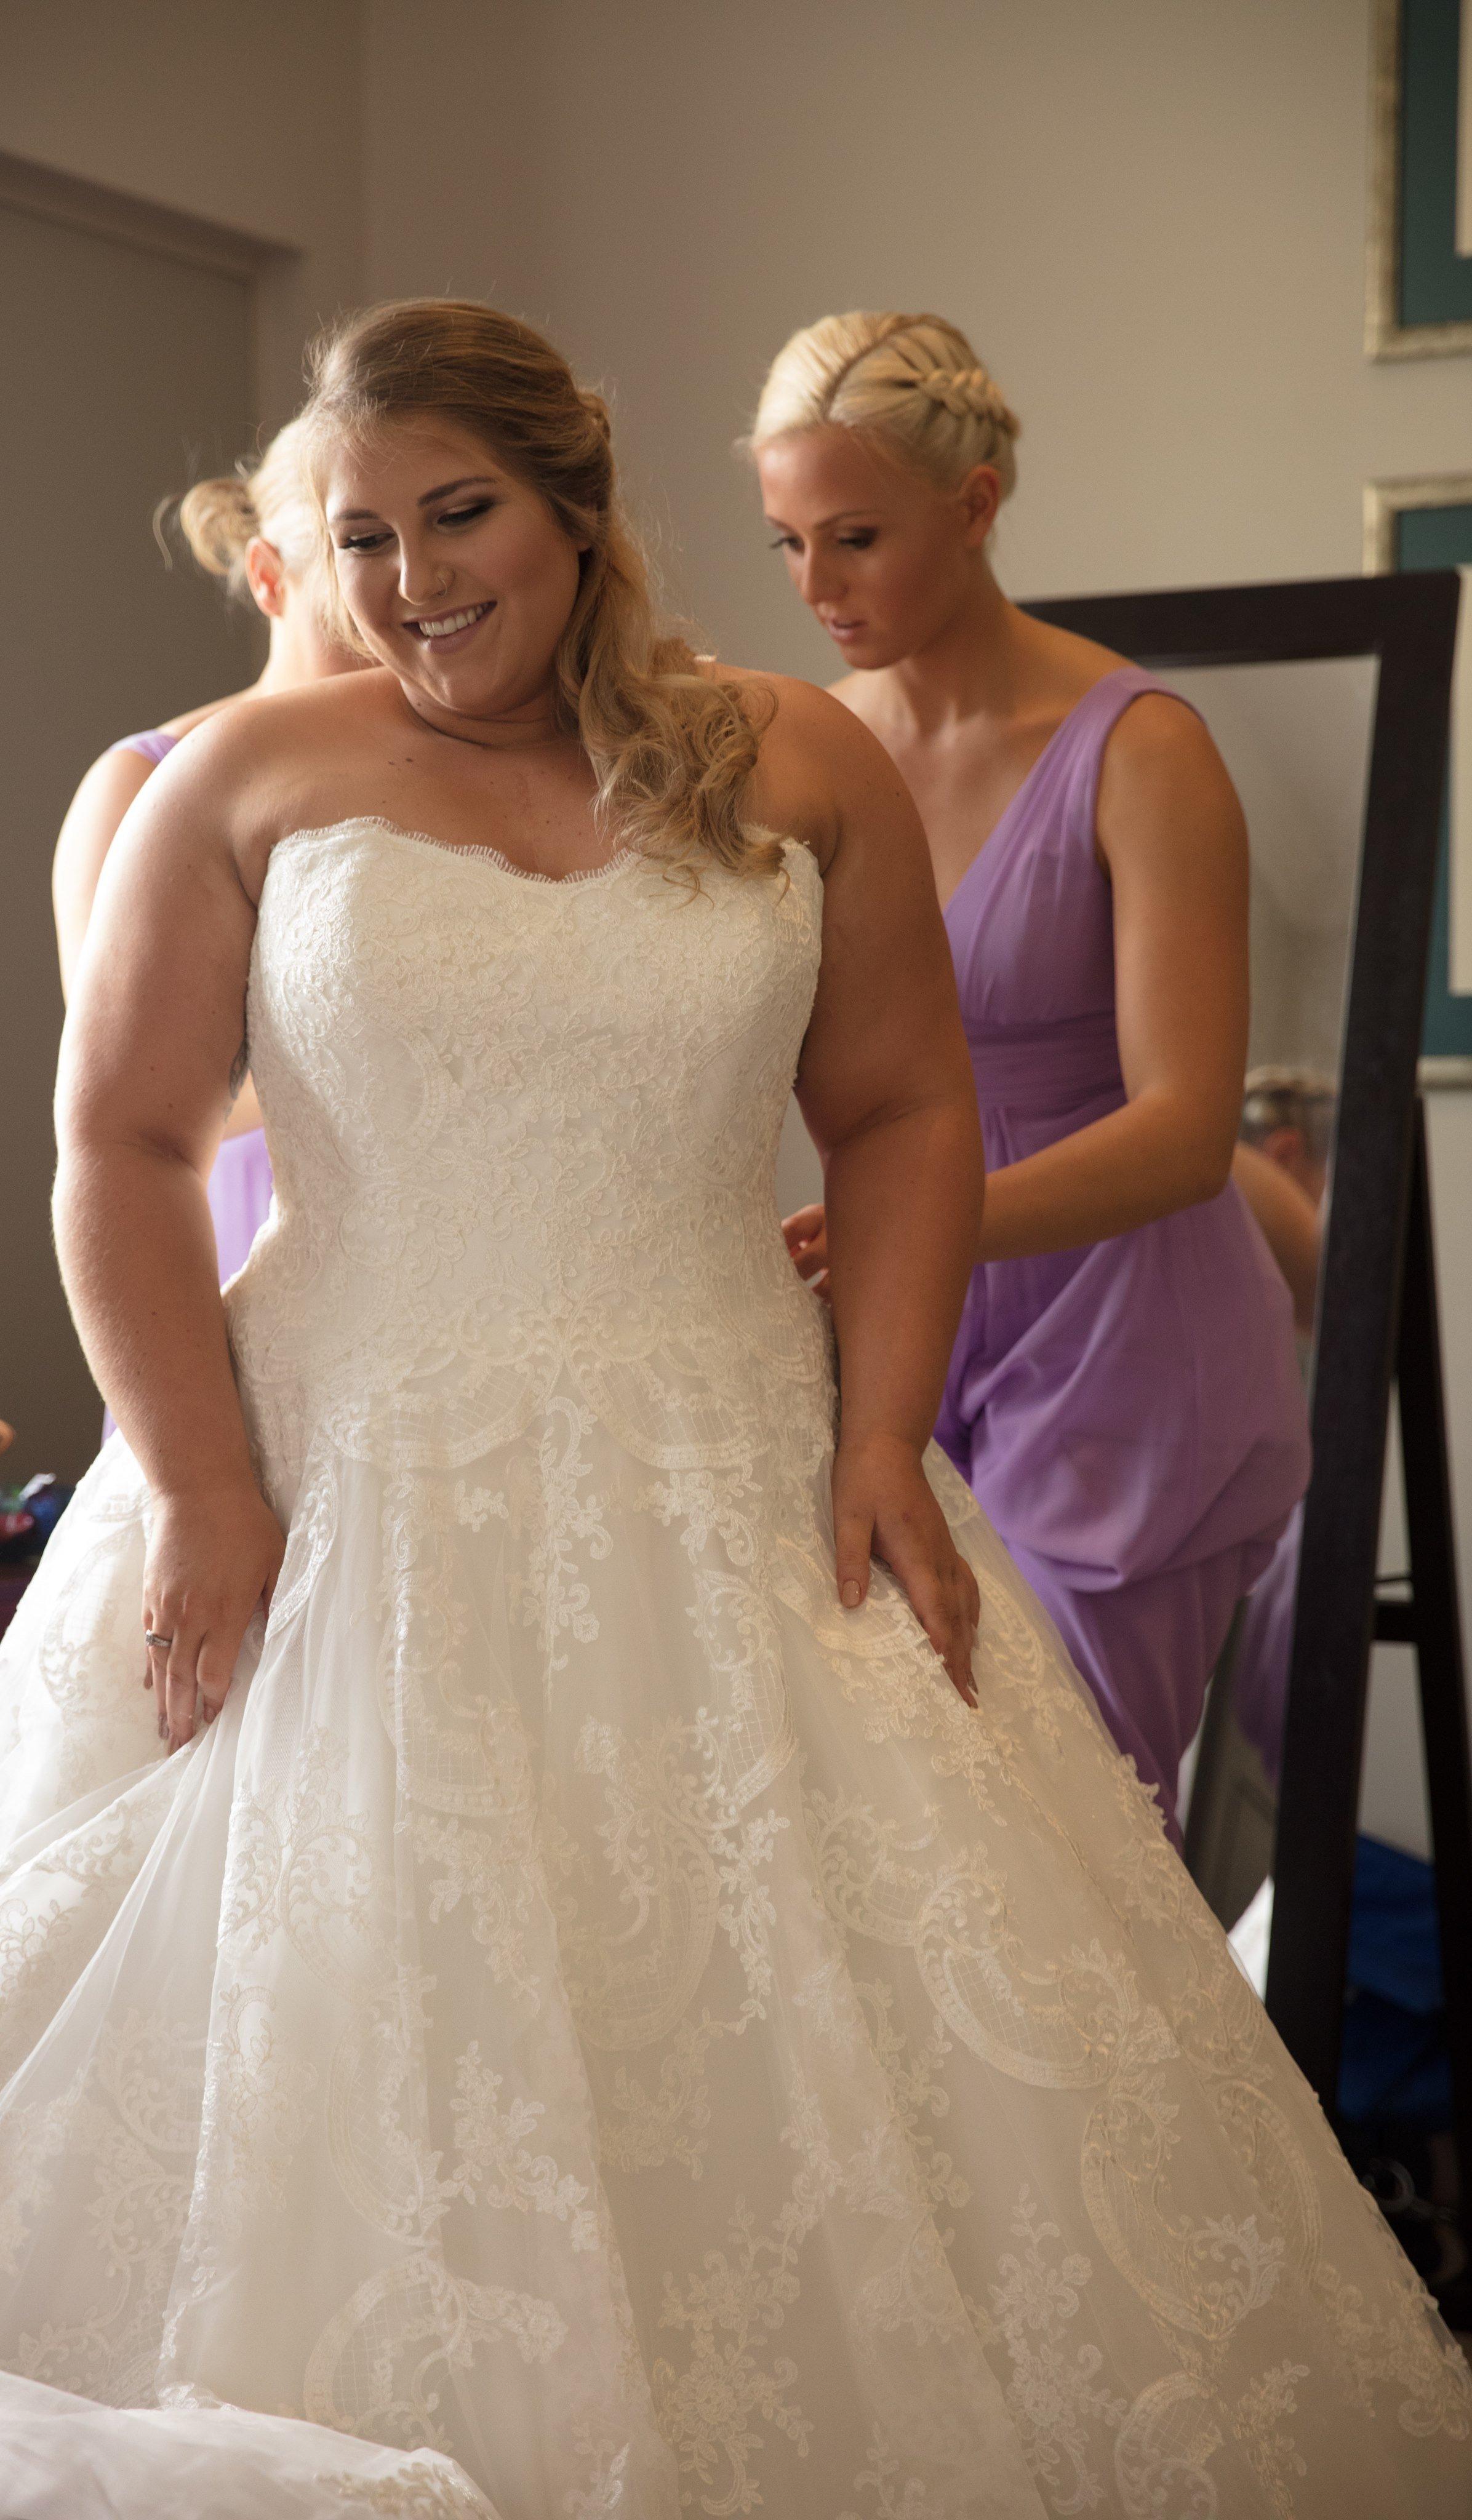 9f505828bfb7 ferrari formalwear & bridal real weddings garden wedding